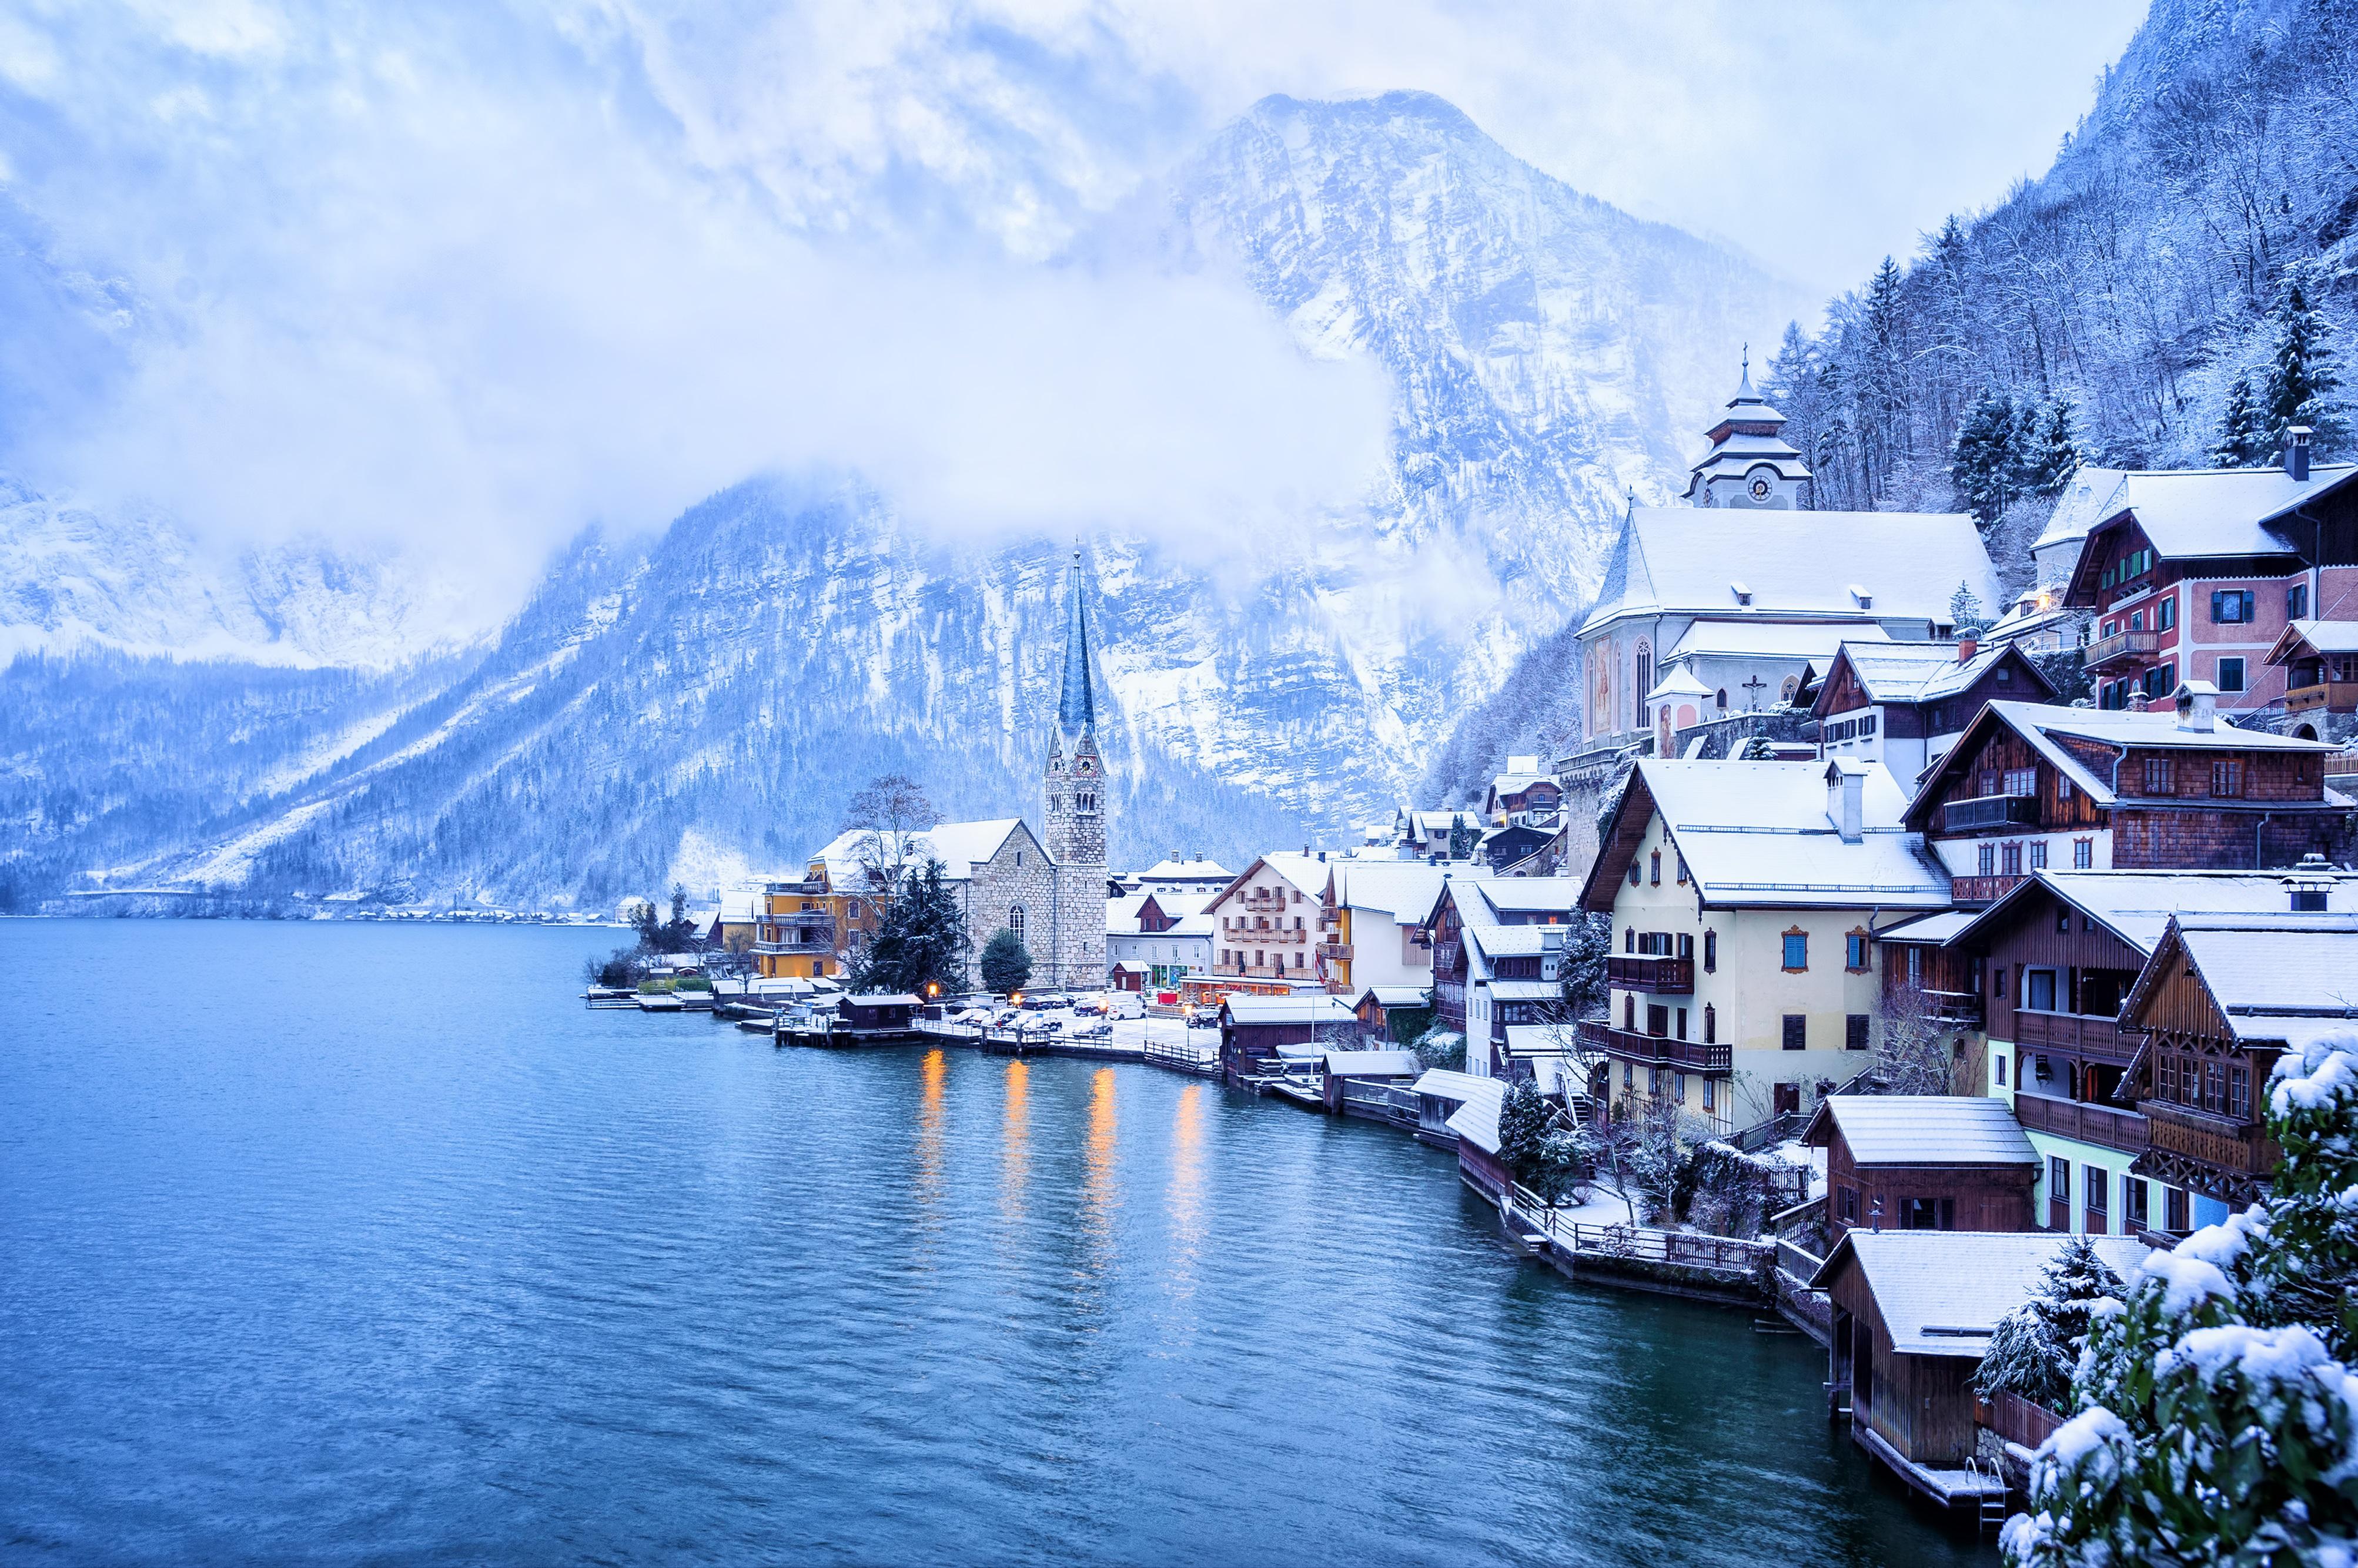 <p><strong>Халщат, Австрия</strong></p>  <p>Историята на изумителното селище Халщат се връща към праисторическия период, където древните заселници произвеждали сол на същите тези брегове. И макар технически да не е &bdquo;град&ldquo;, този обект на ЮНЕСКО е определението за картичка на Алпийската красота, където настръхнали, заснежени планини са с изглед към перфектно девствено езеро.</p>